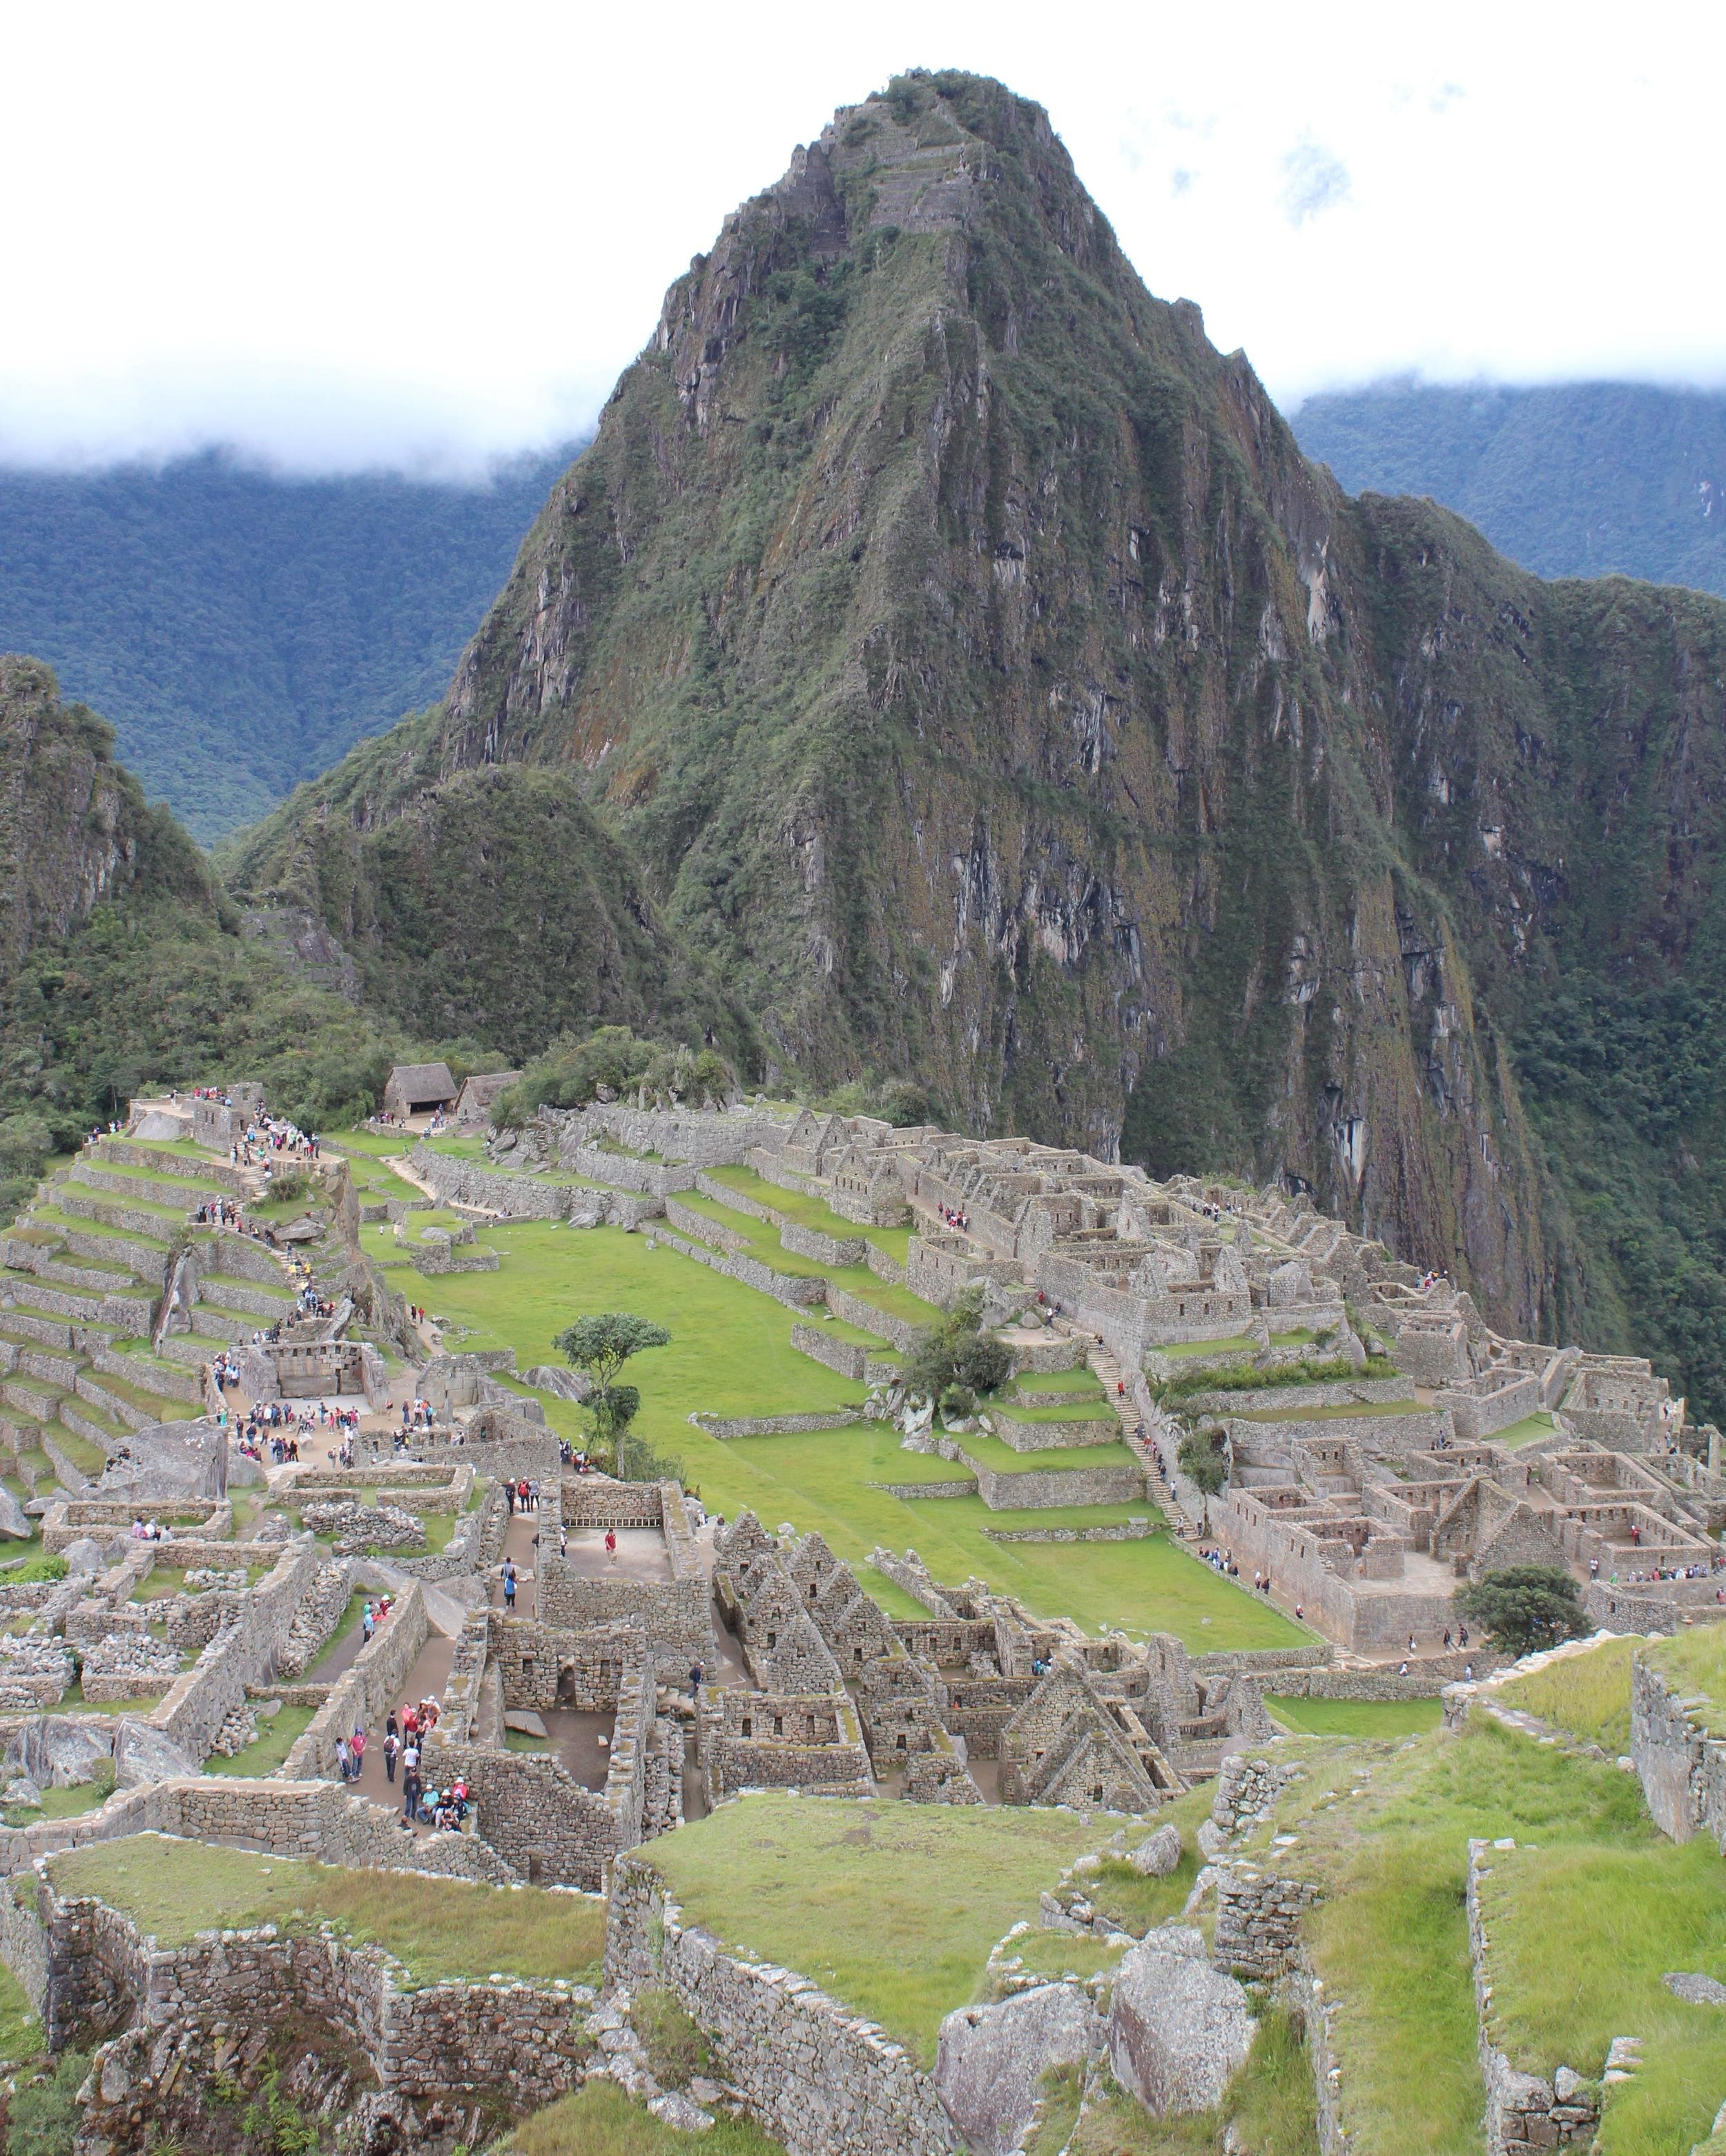 A este conjunto cultural y ecológico también se le conoce como Santuario Histórico de Machu Picchu. Foto: Javier Vélez Arocho